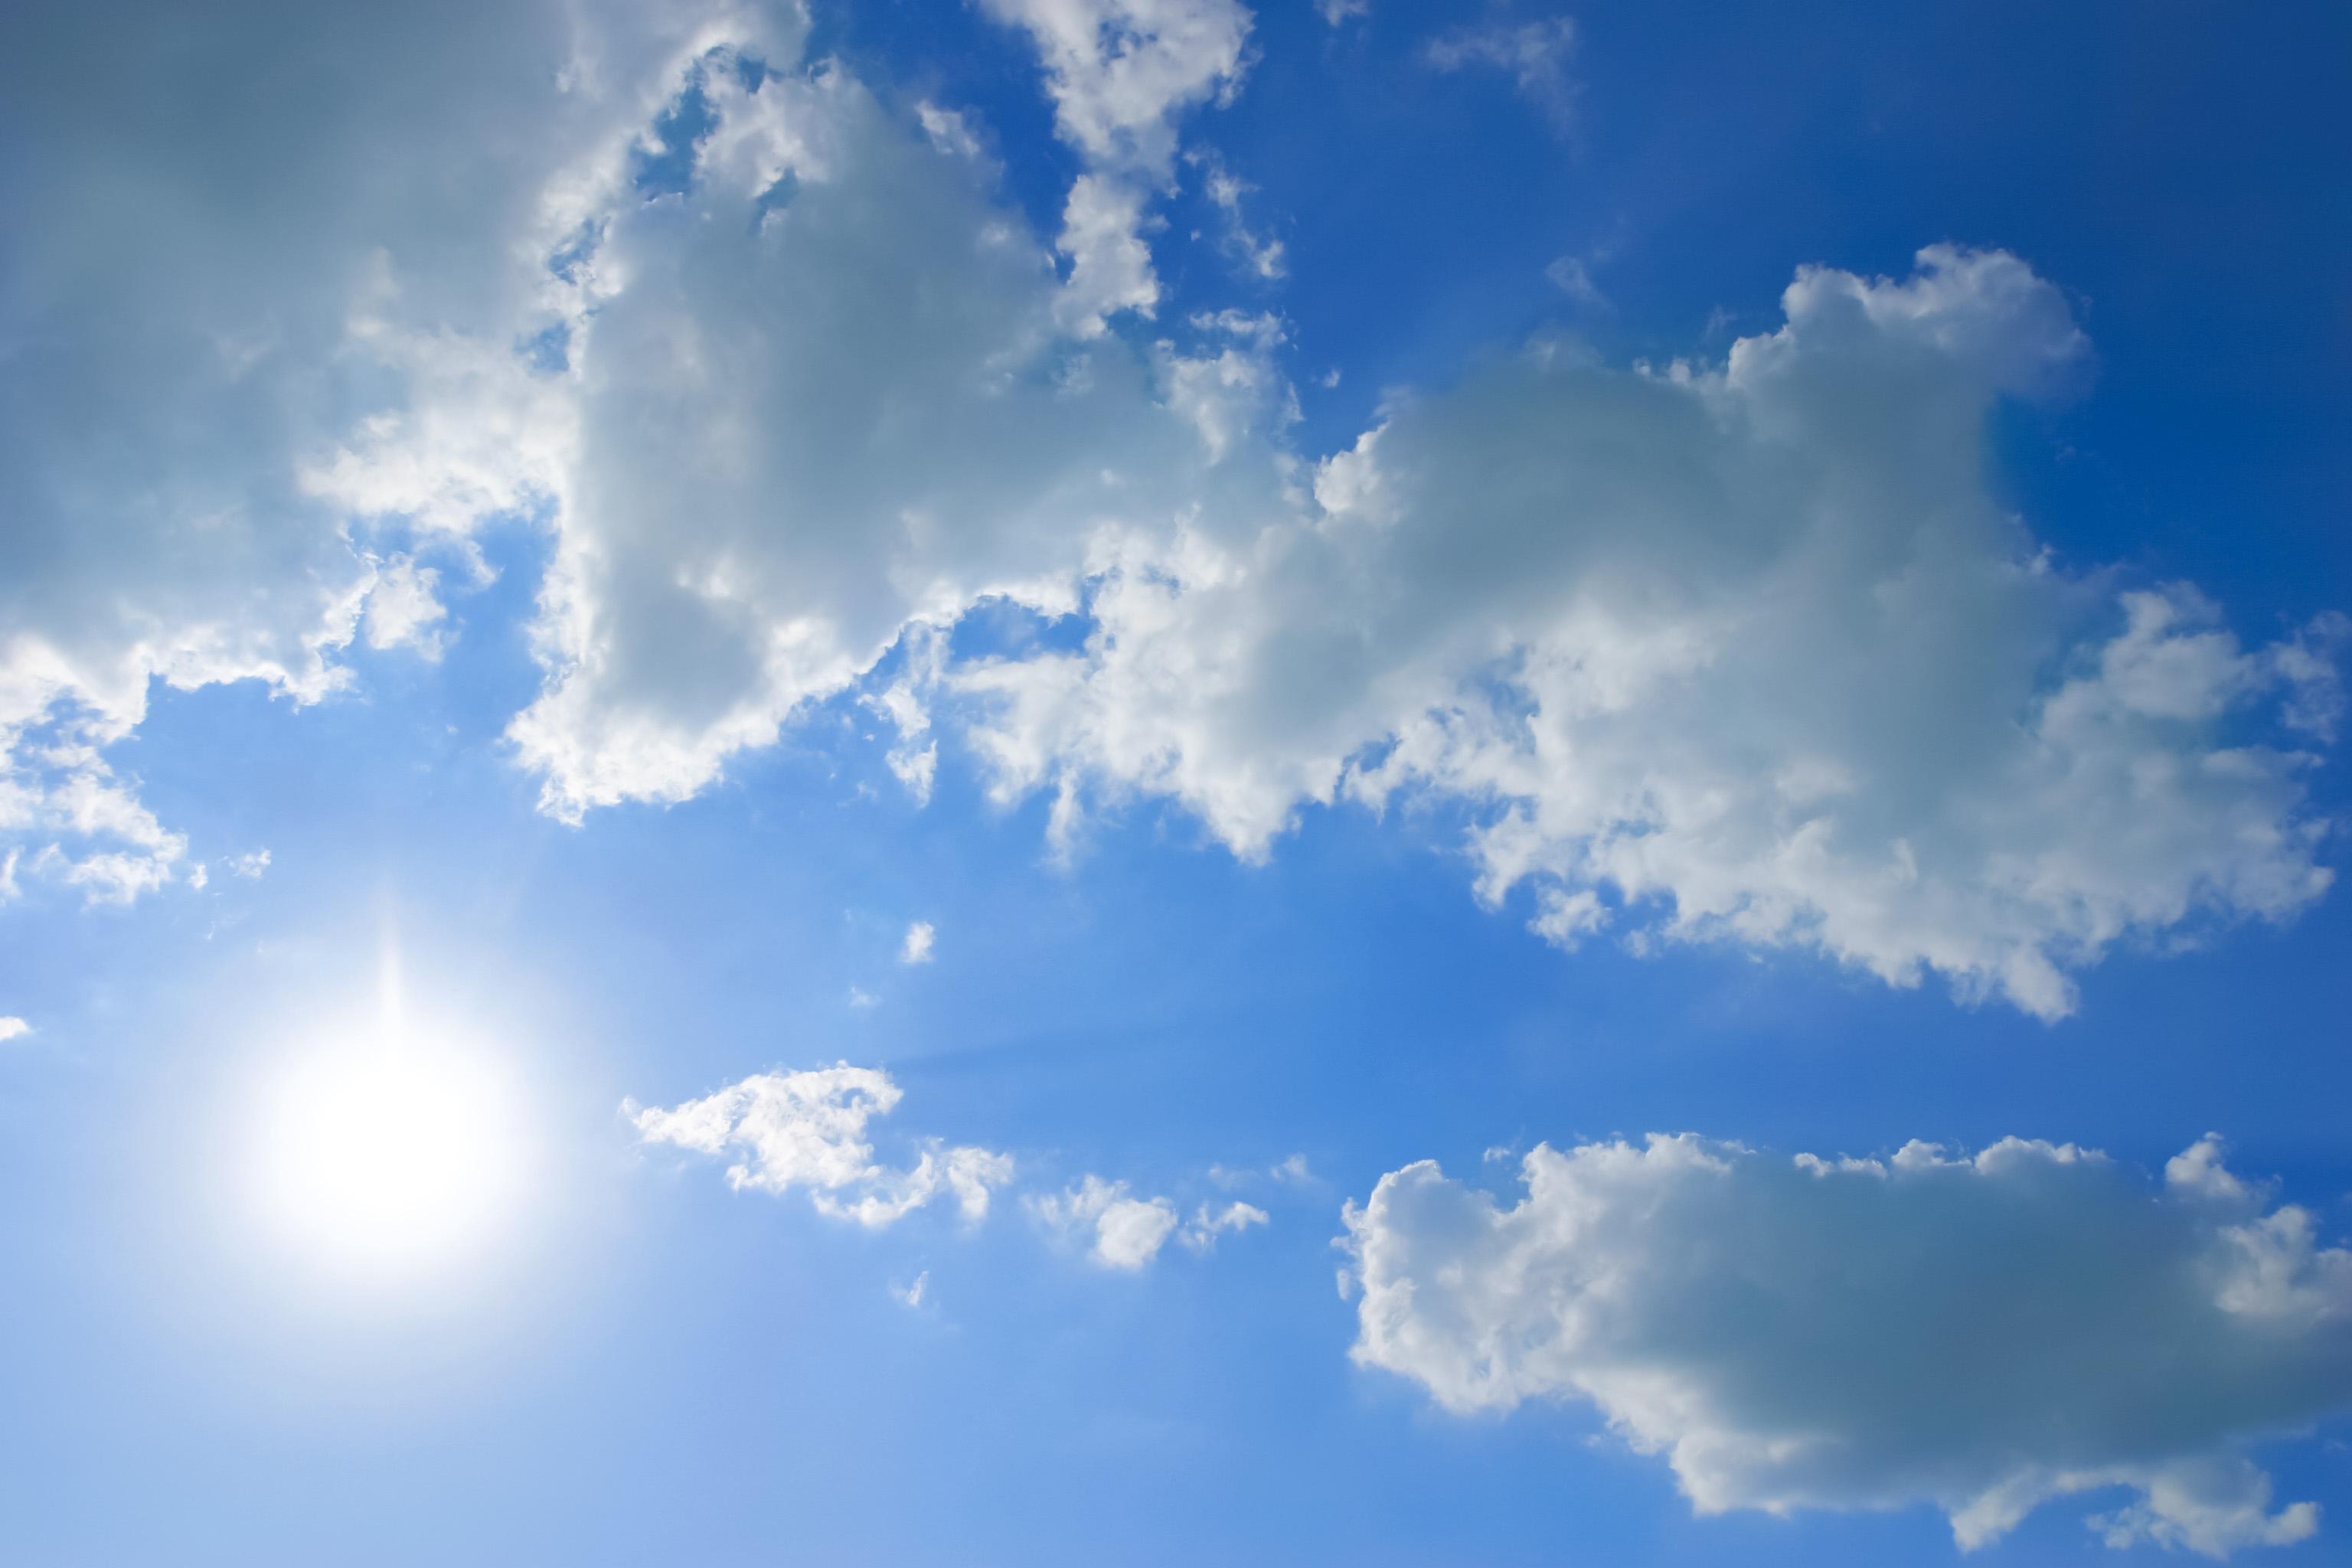 太陽と雲 Free Photos L/RGB/JPEG/350dpi